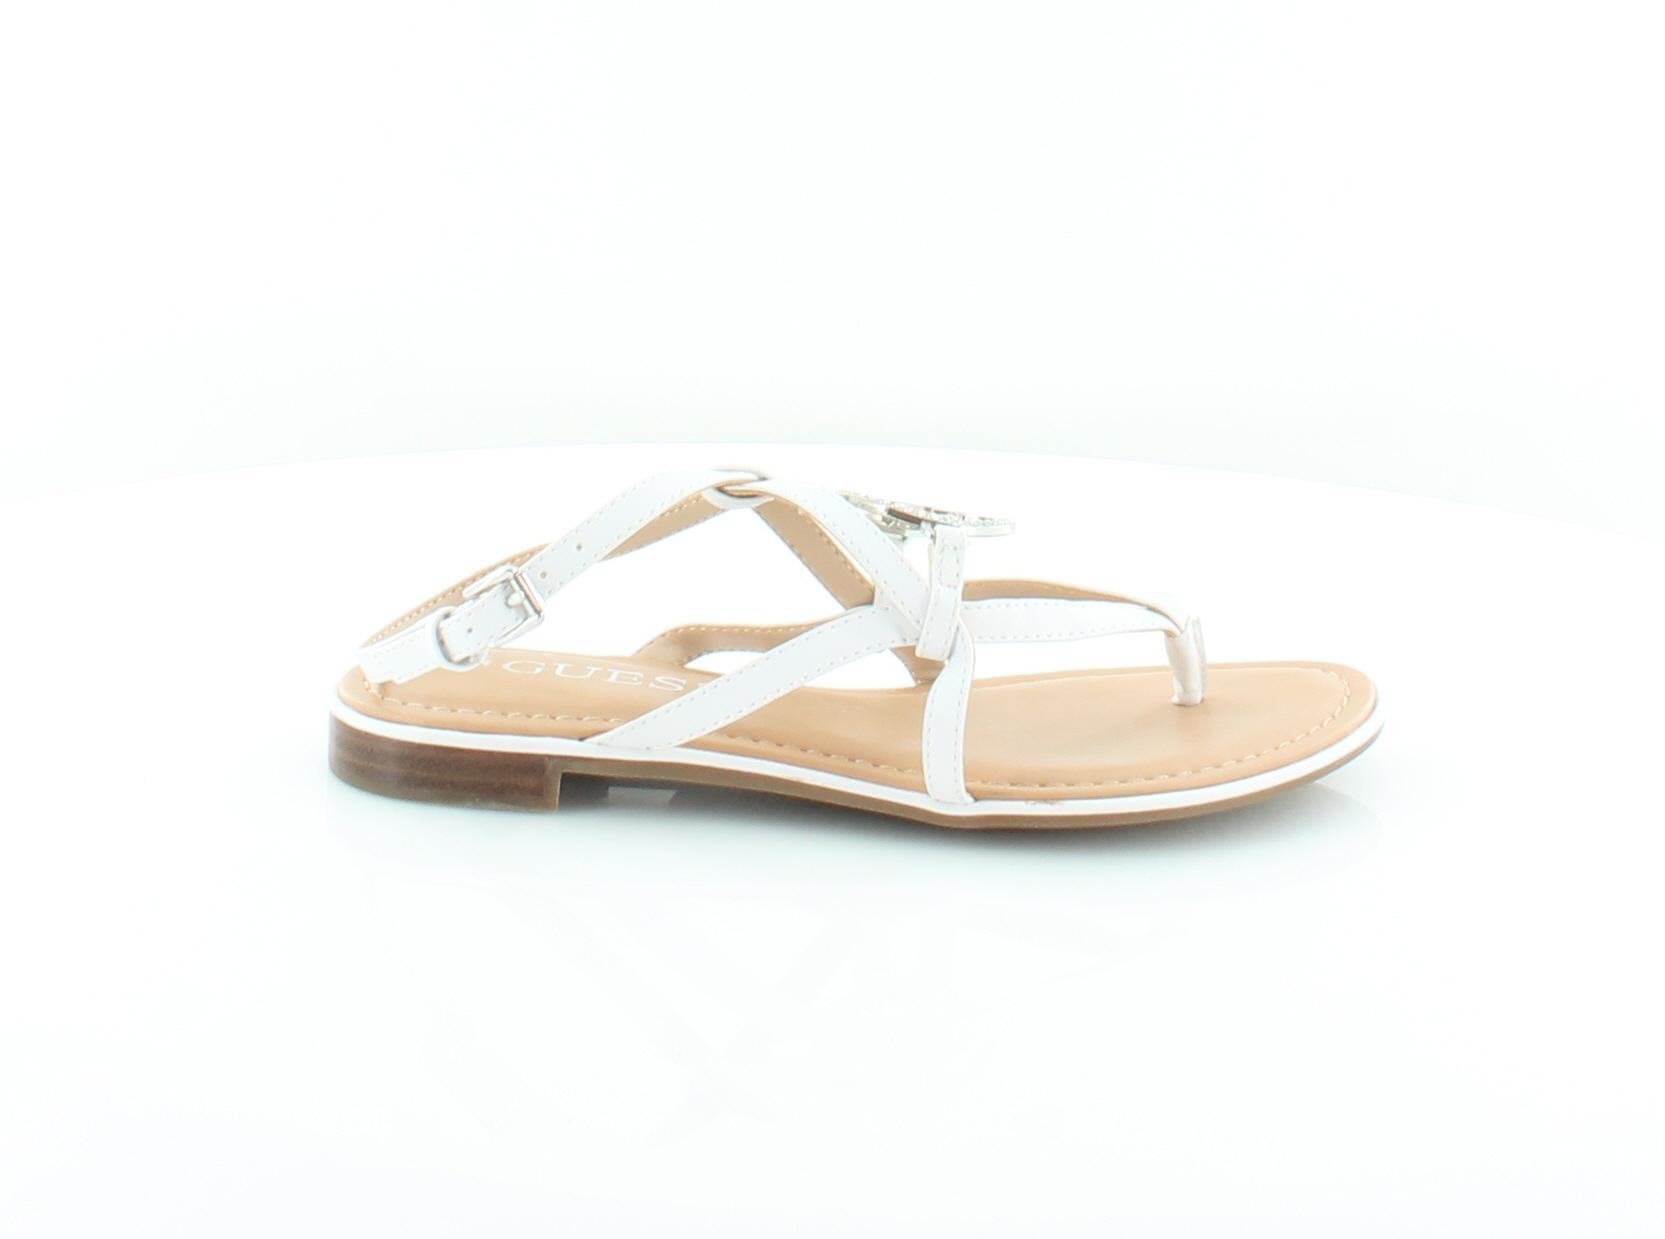 78faf5cb0de3 Guess New Romie White Womens Shoes Size 5 M Sandals MSRP  69 ...